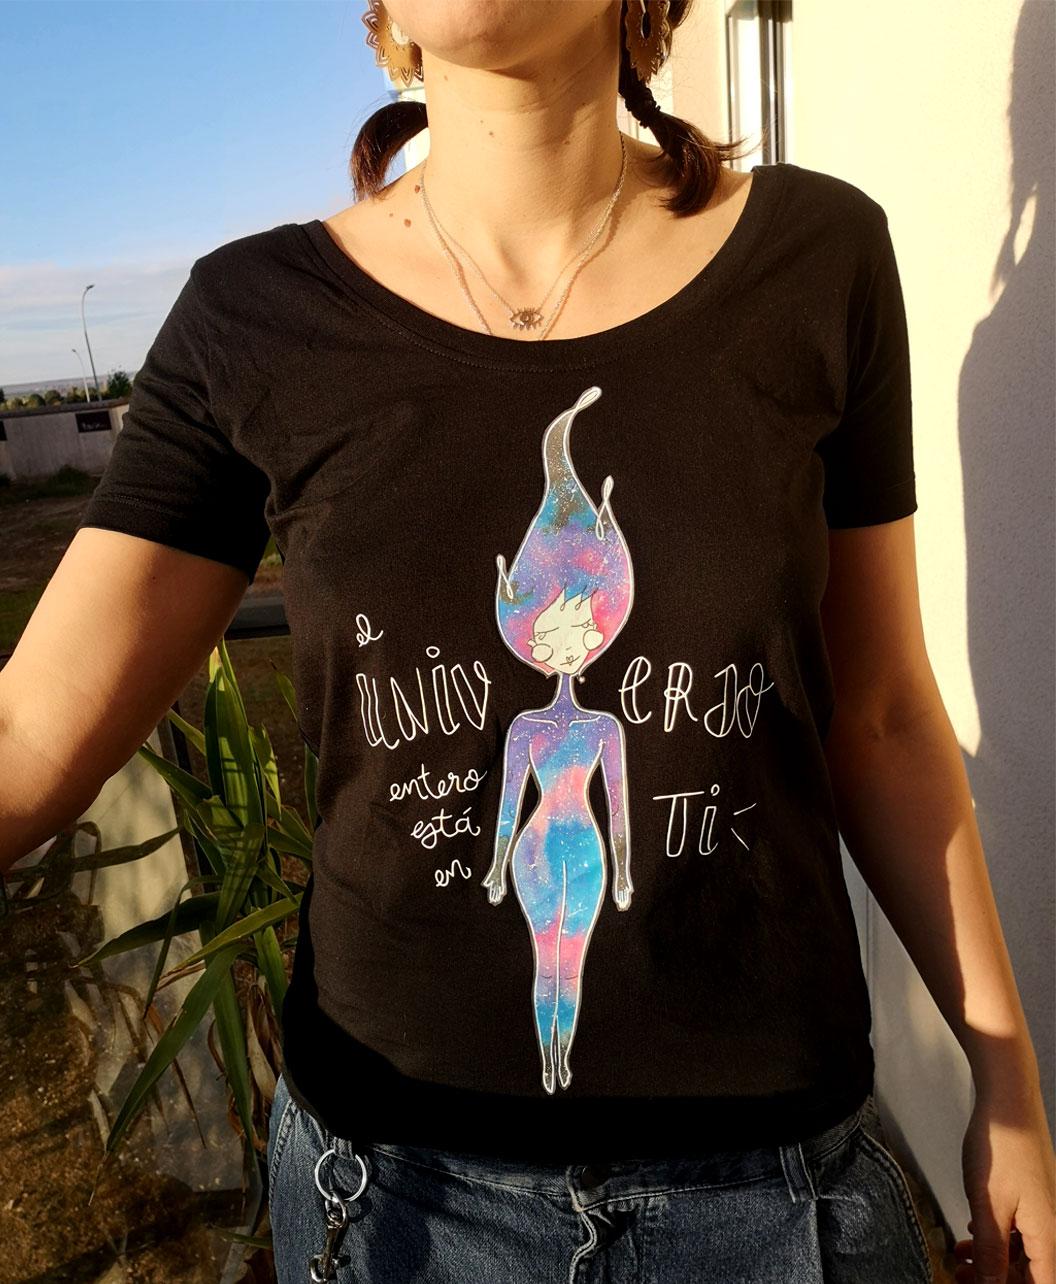 camiseta con ilustracion diferente y original universo